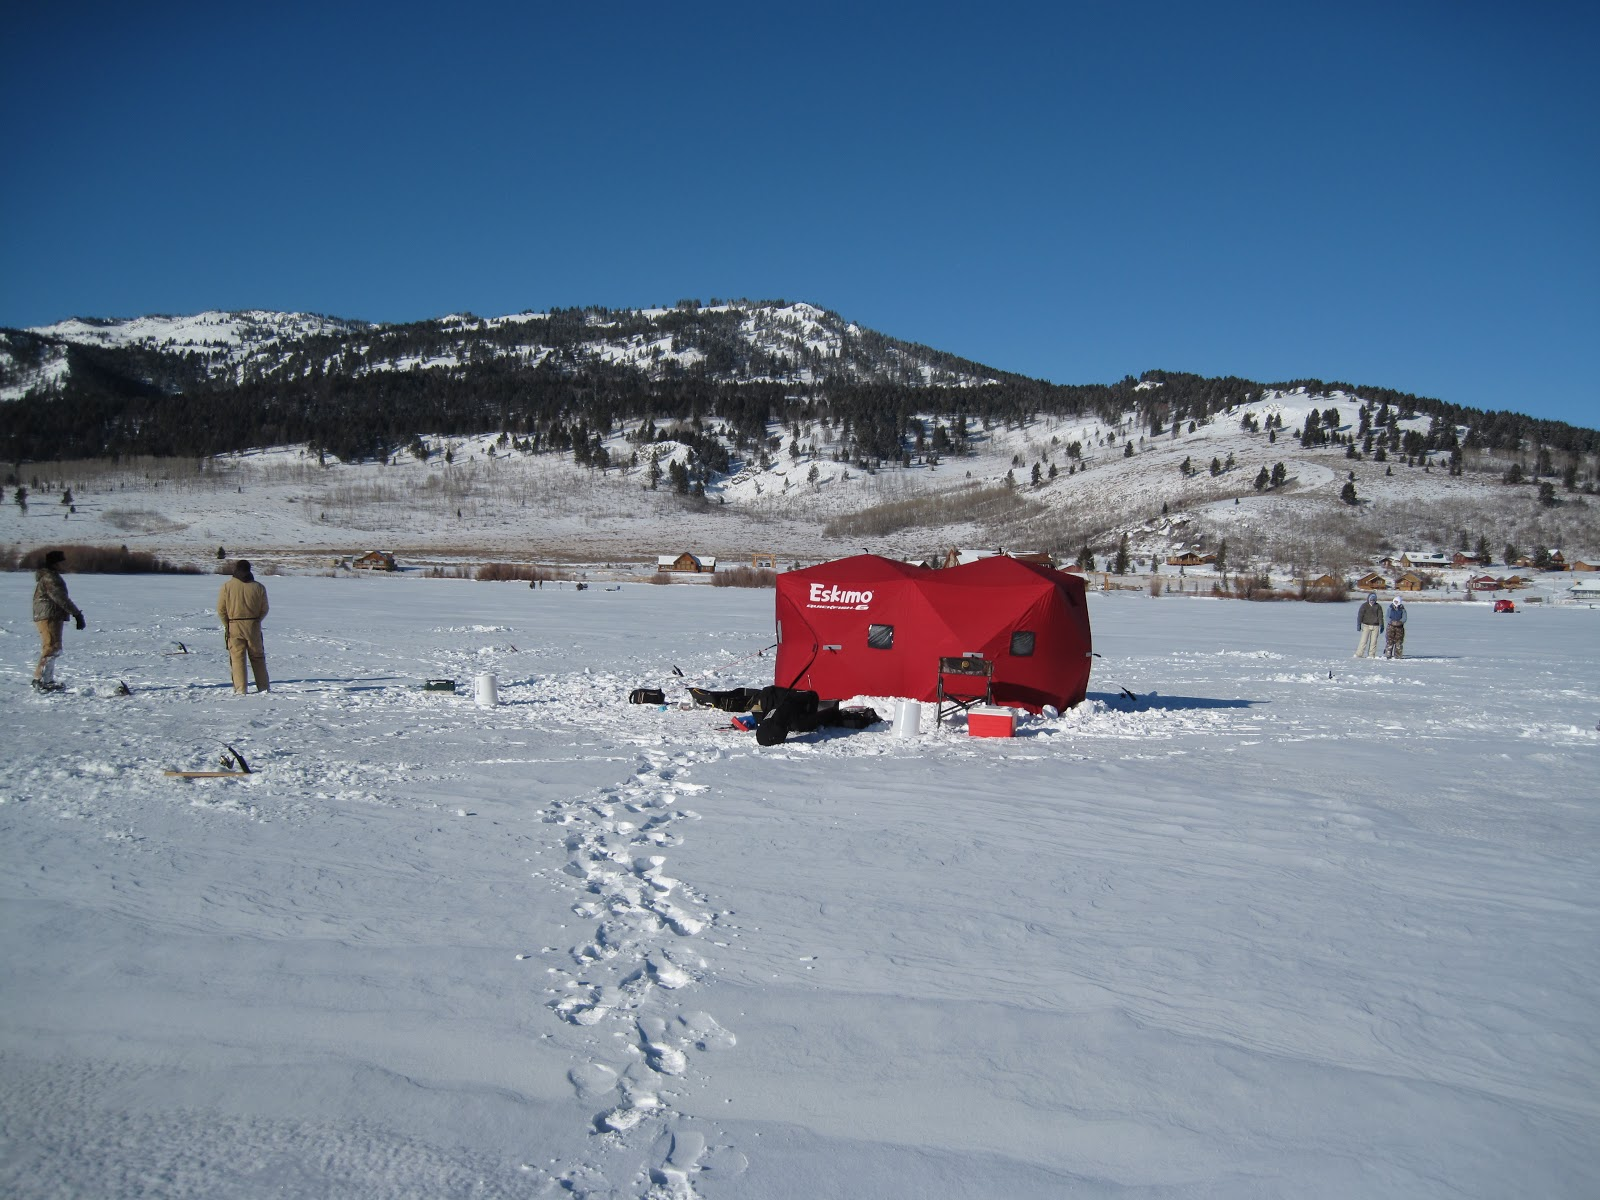 Idaho pursuit ice fishing time for Ice fishing idaho